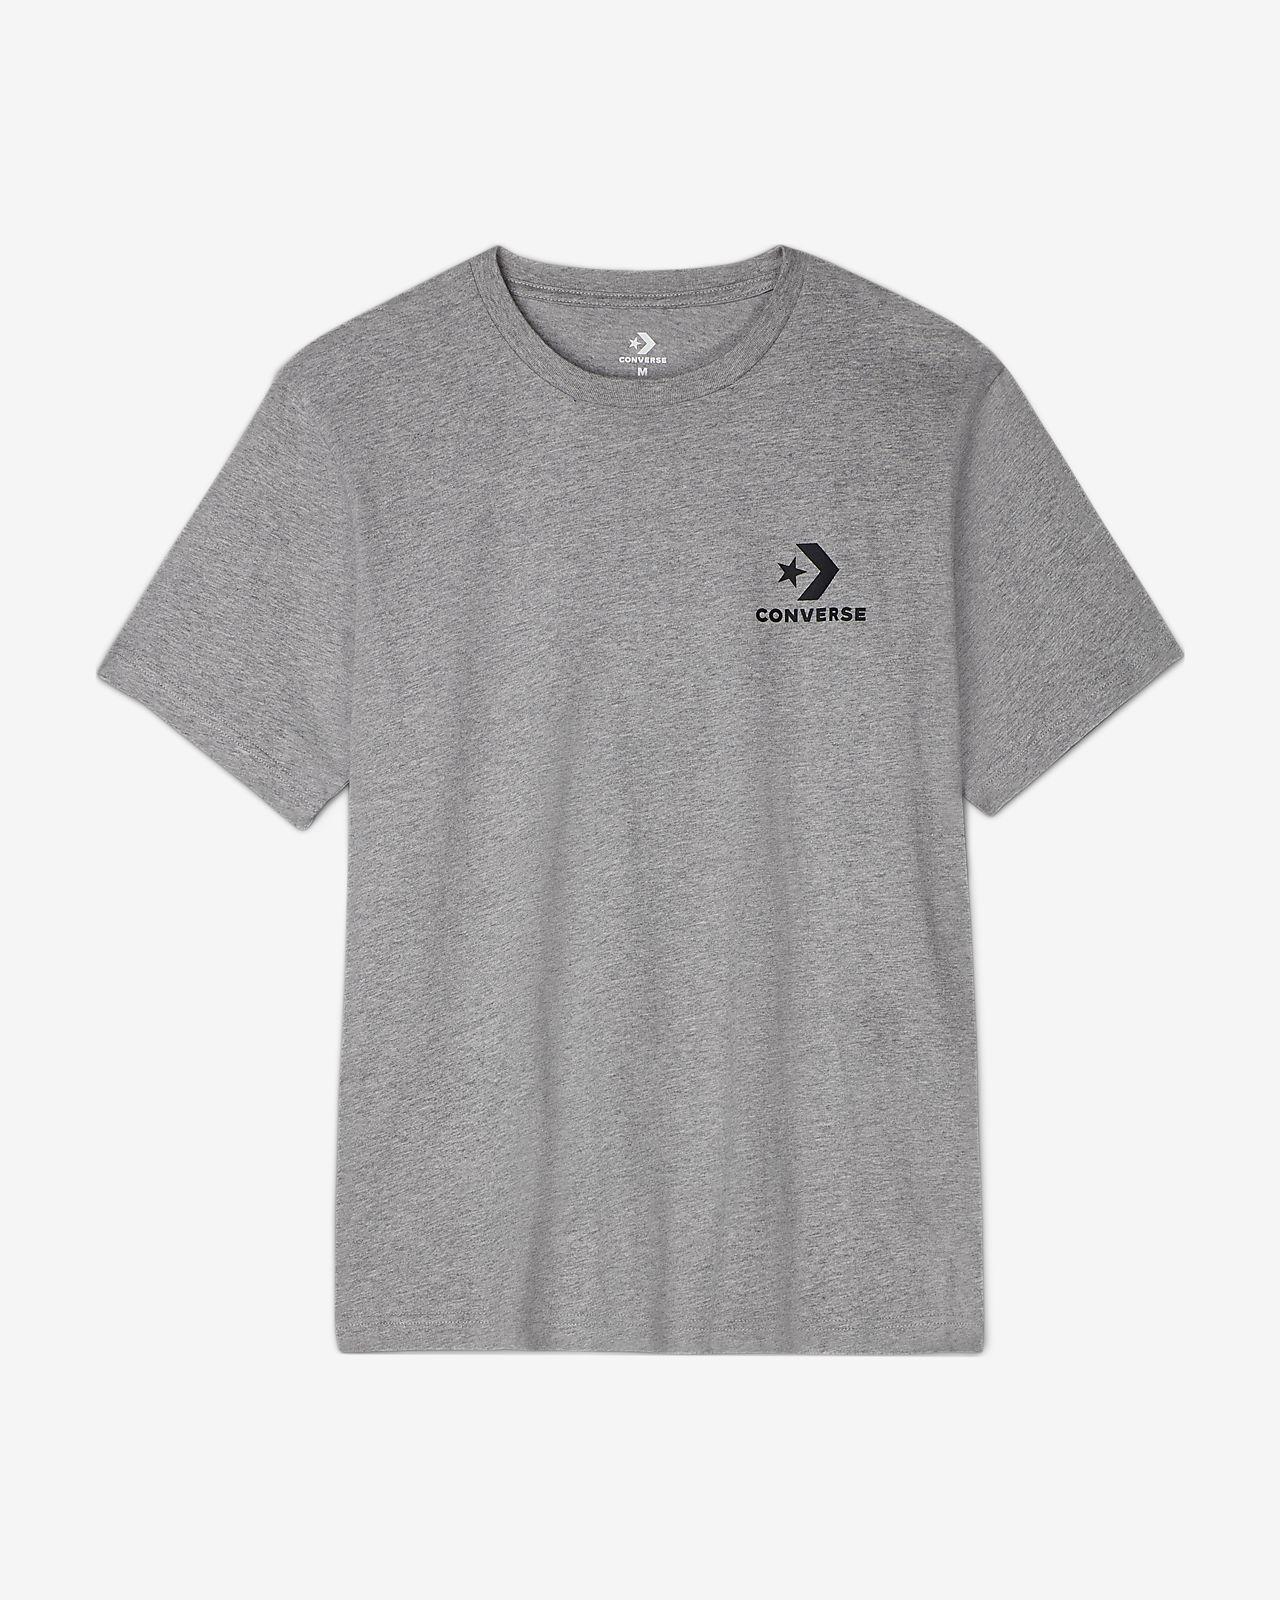 cheap converse t shirts mens